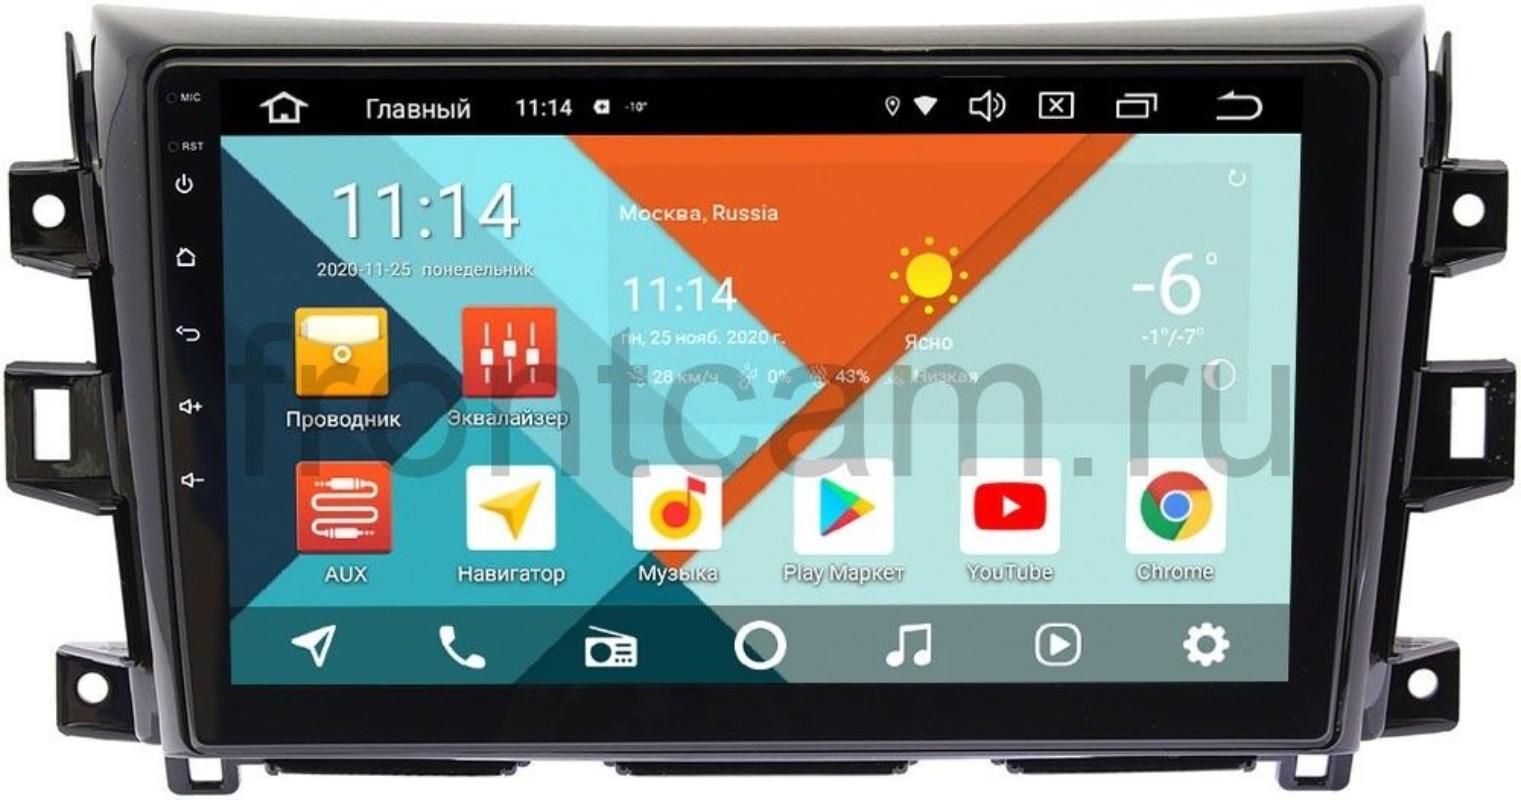 Штатная магнитола Nissan Navara (Frontier) IV (D23) Wide Media KS1116QR-3/32 DSP CarPlay 4G-SIM на Android 10 (+ Камера заднего вида в подарок!)